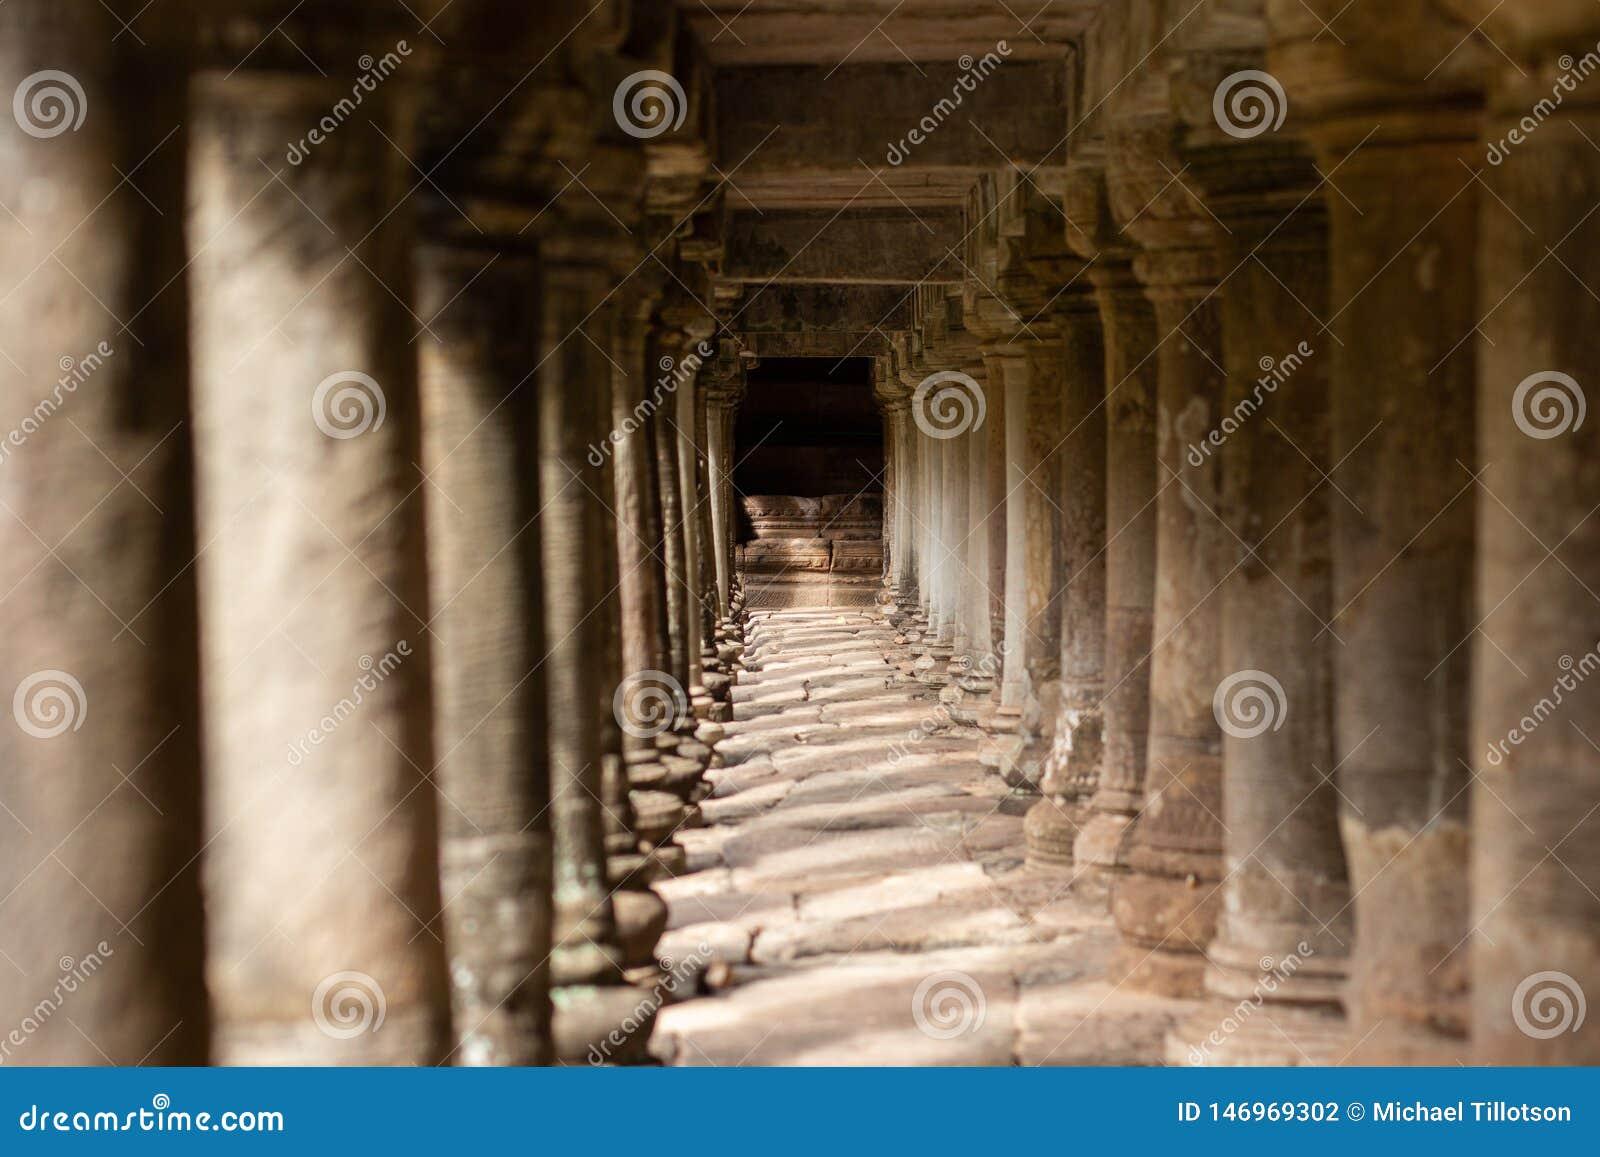 Pelare för forntida tempel under en gångbana i Angkor Thom, Cambodja